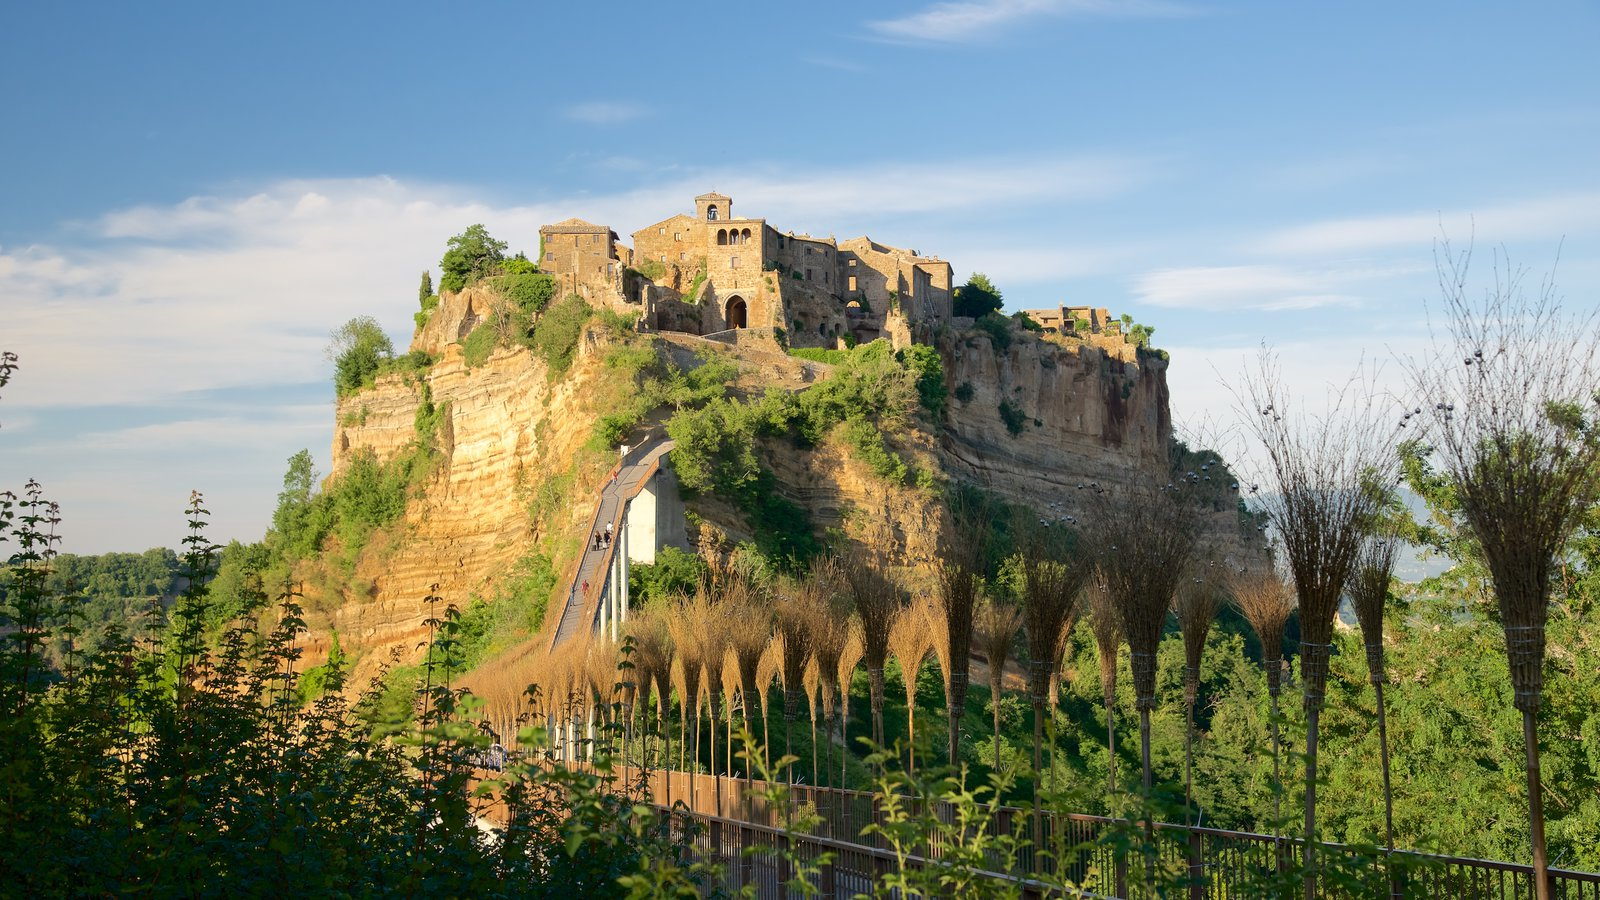 Bagnoregio que inclui um castelo